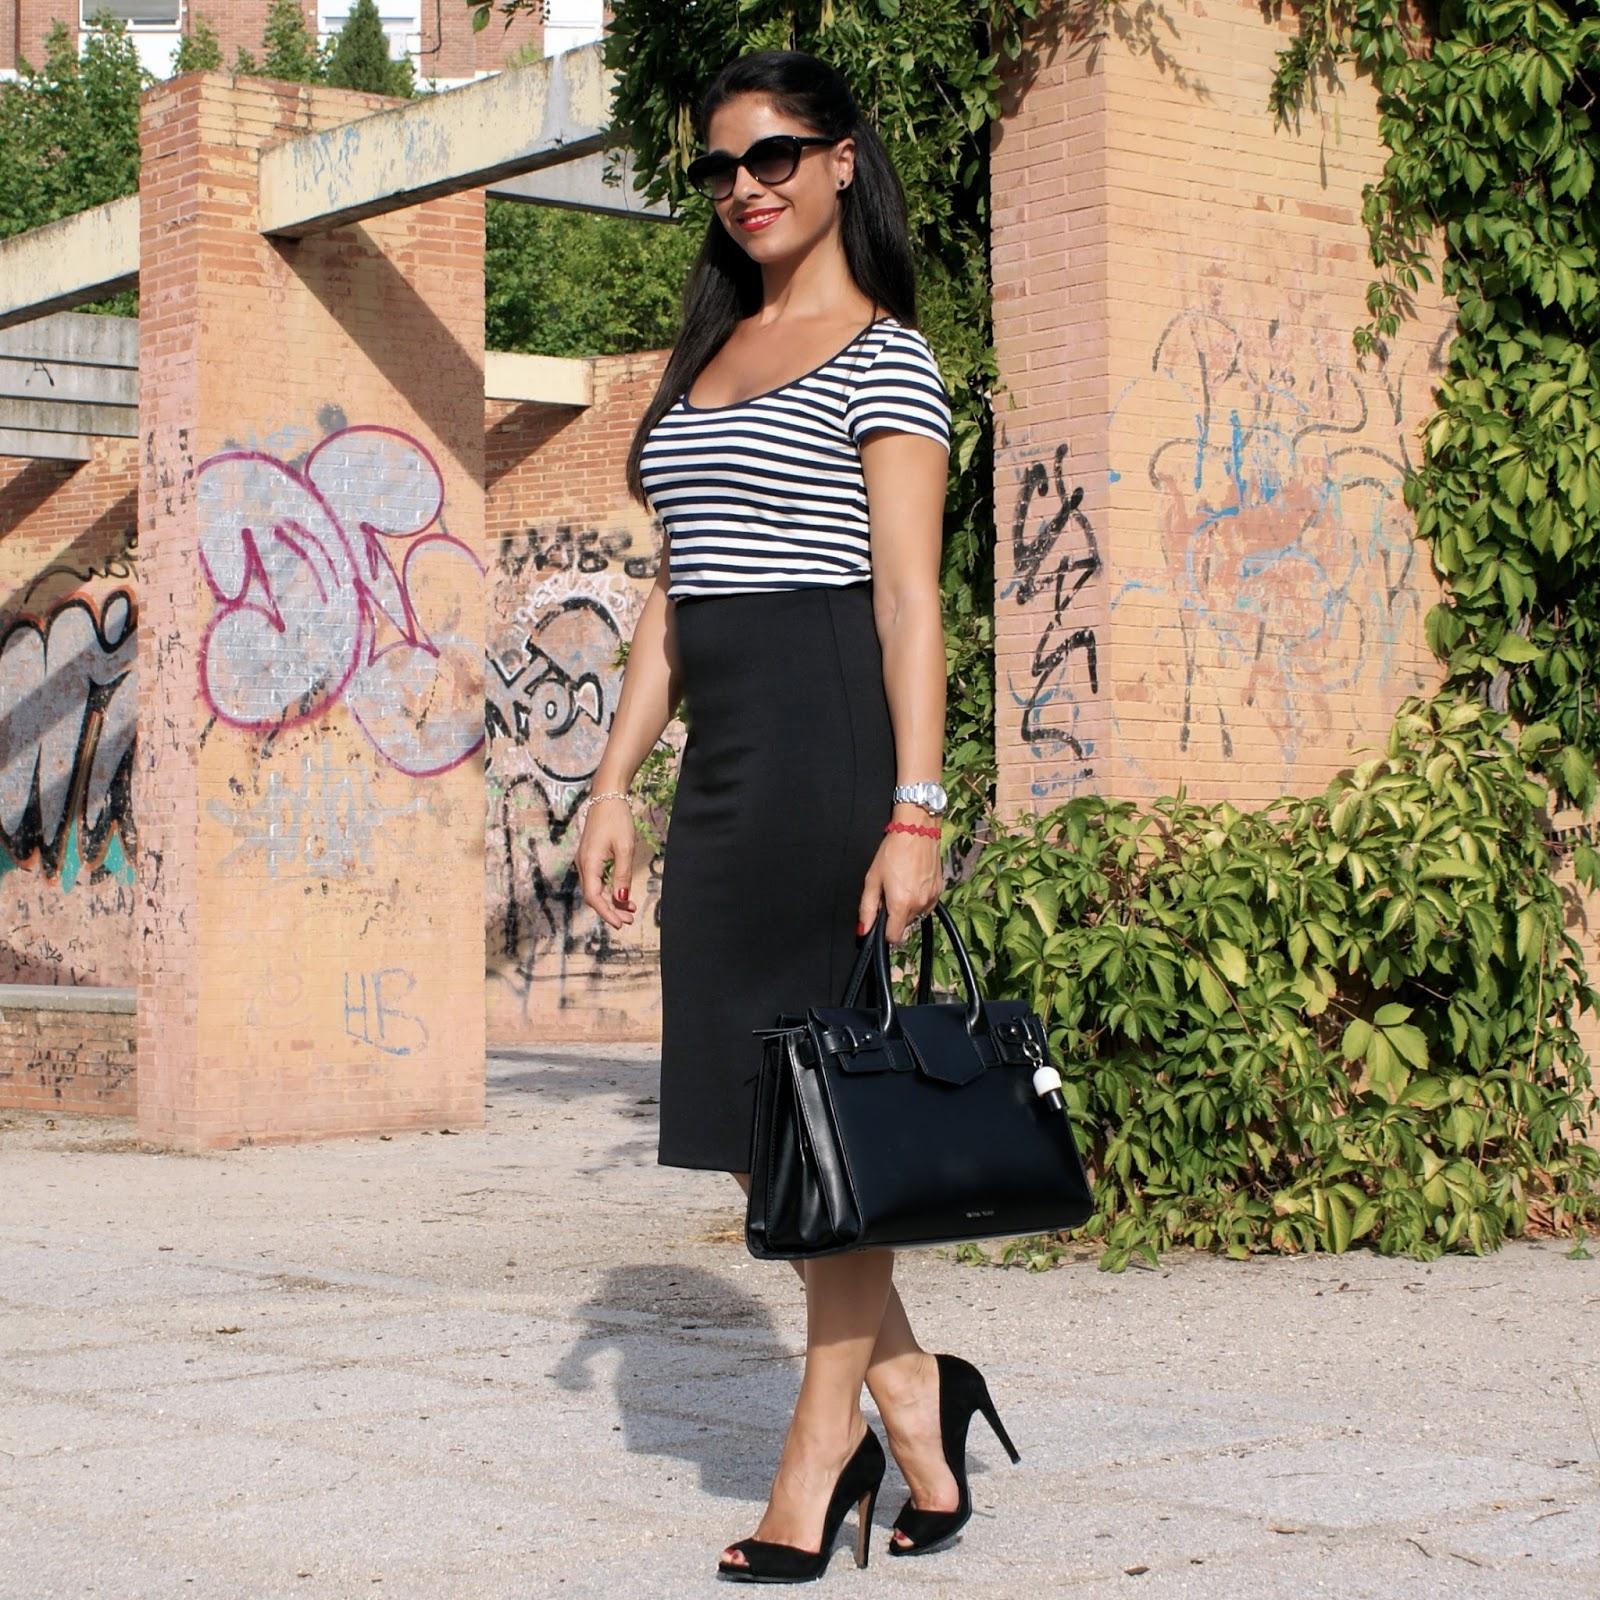 La Caprichossa - Mi Diario Runner - Blog de moda, belleza, tendencias y running: Falda de tubo y ...